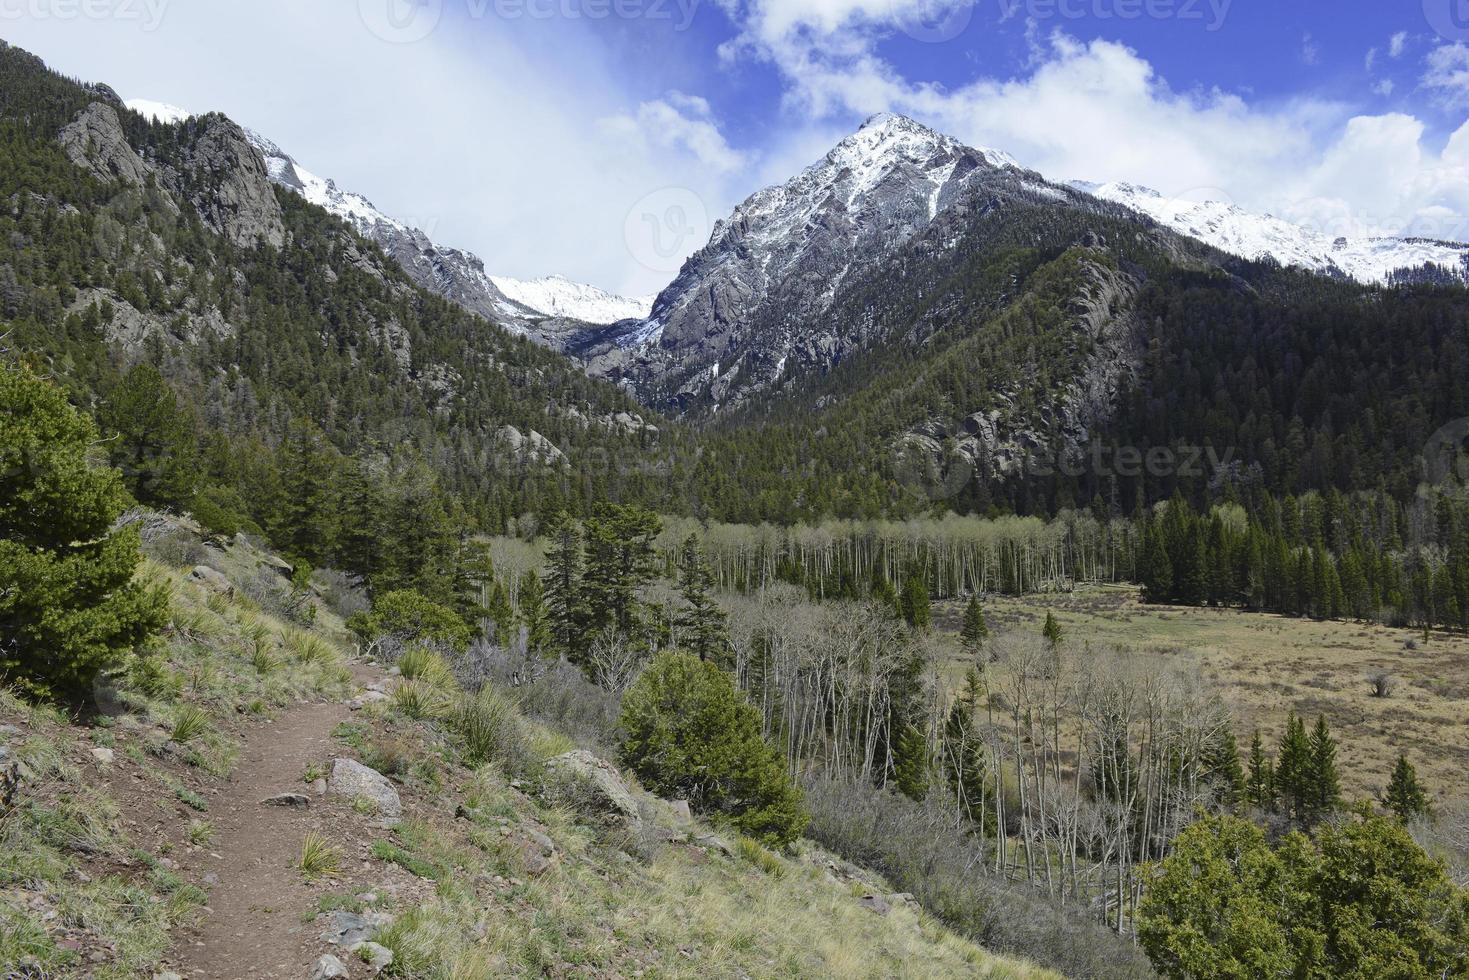 paysage alpin, sangre de cristo, montagnes rocheuses au colorado photo